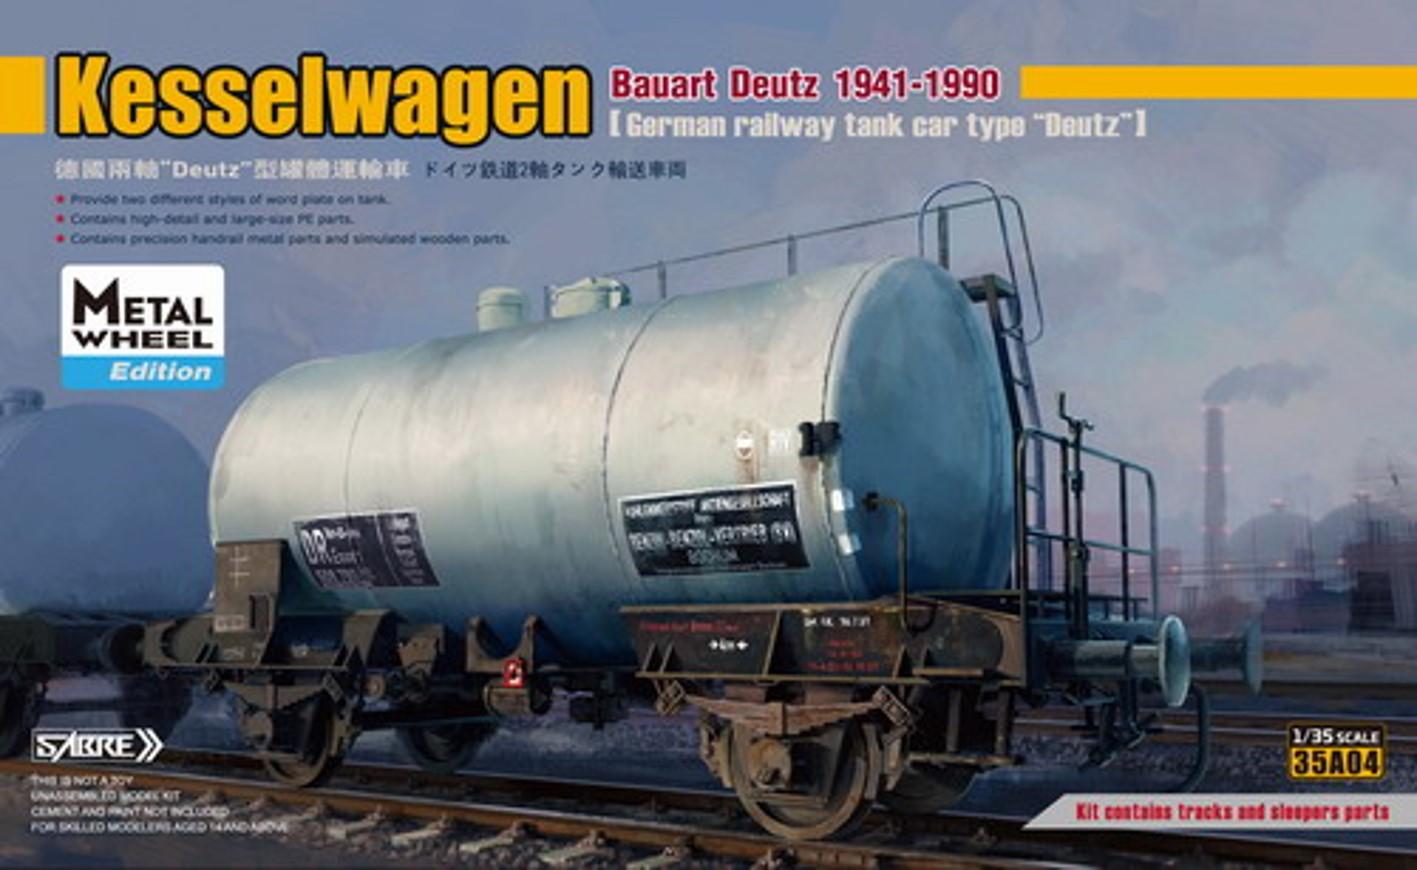 Sabre 1/35 German Railway Kesselwagen Bauart Deutz 1941-1990, Metal Wheels Edition